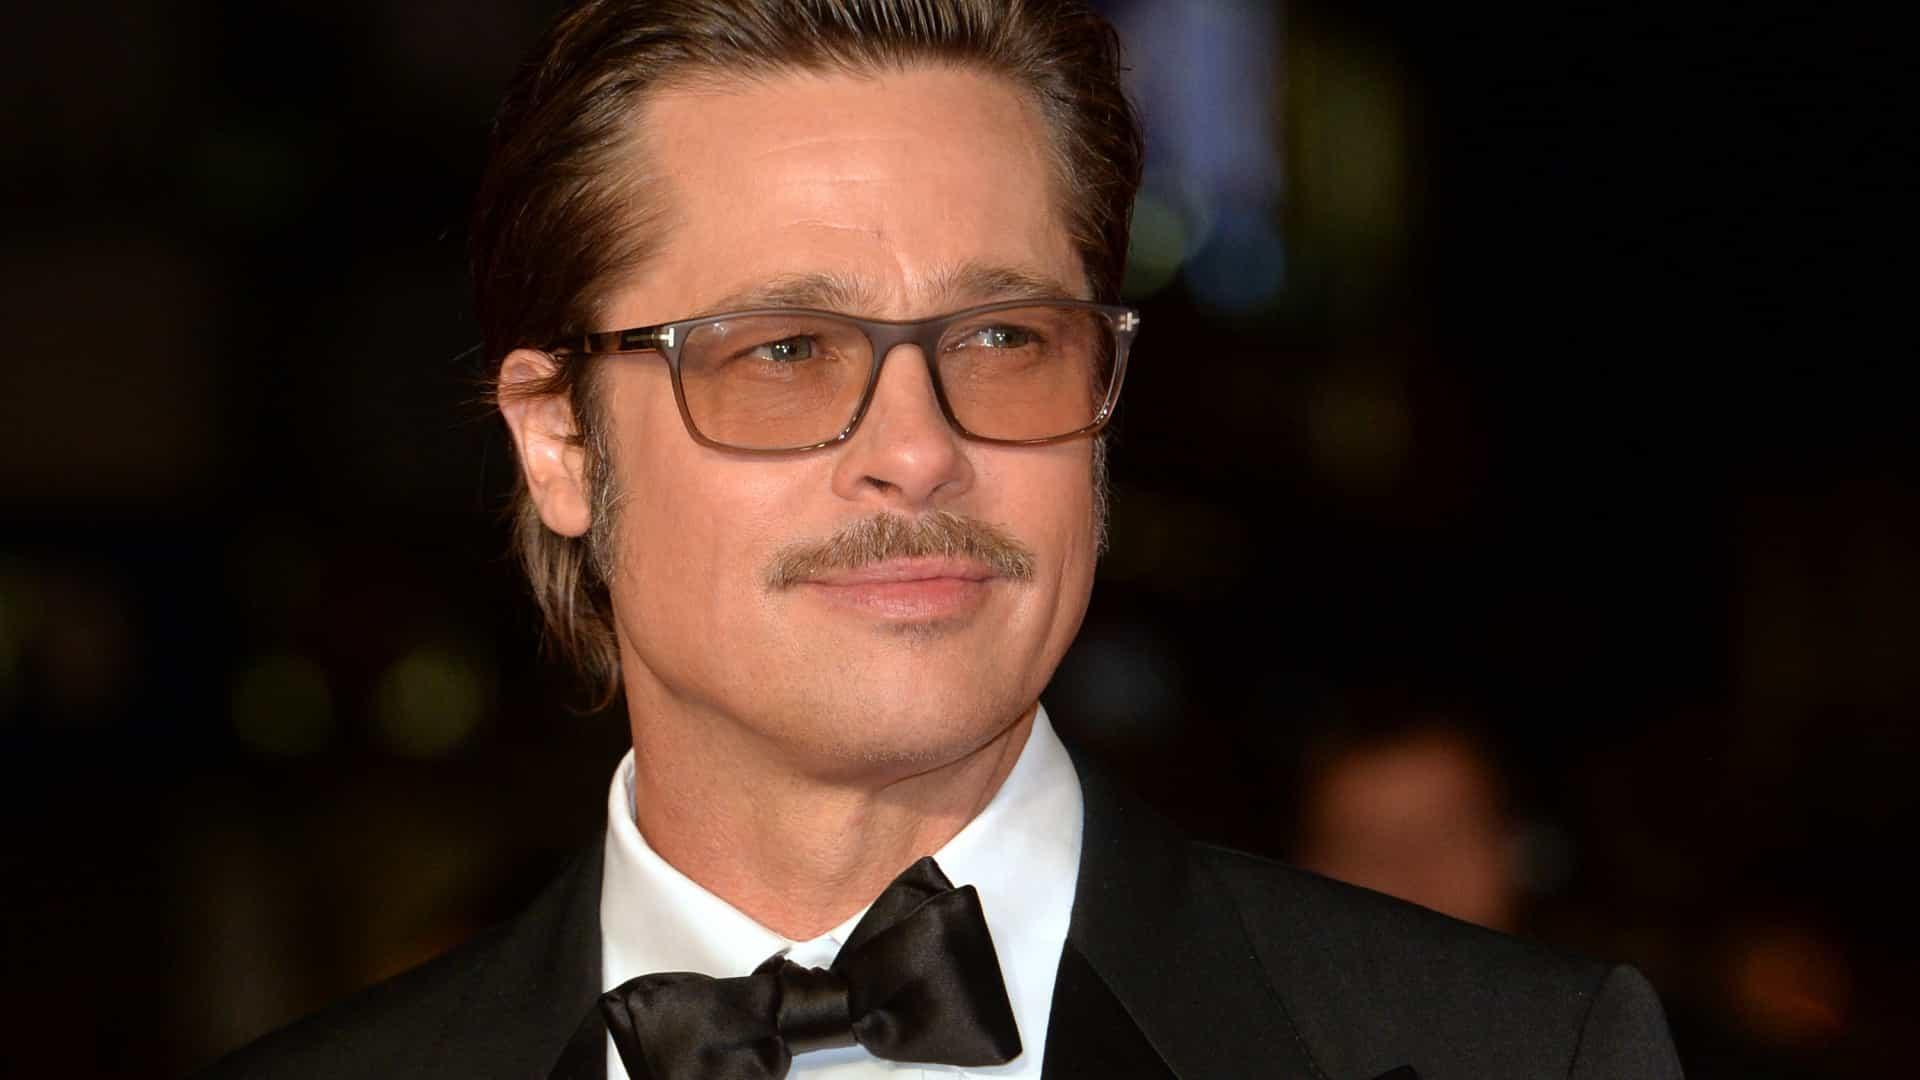 """Vício de Brad Pitt em tabaco deixa filhos """"enlouquecidos"""""""